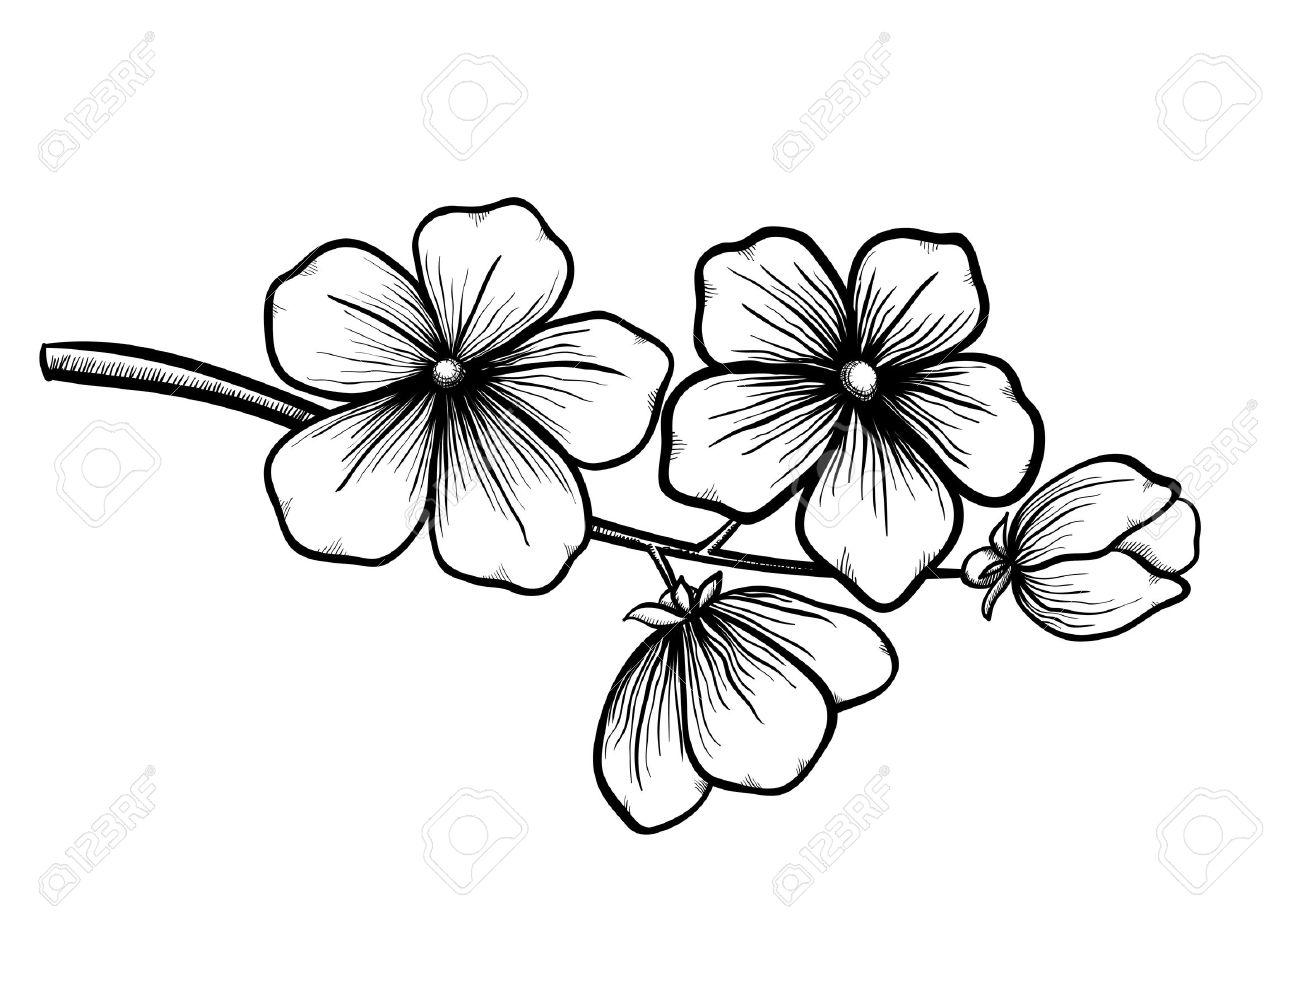 Rama De Un árbol En Flor En El Gráfico Del Estilo Blanco Y Negro